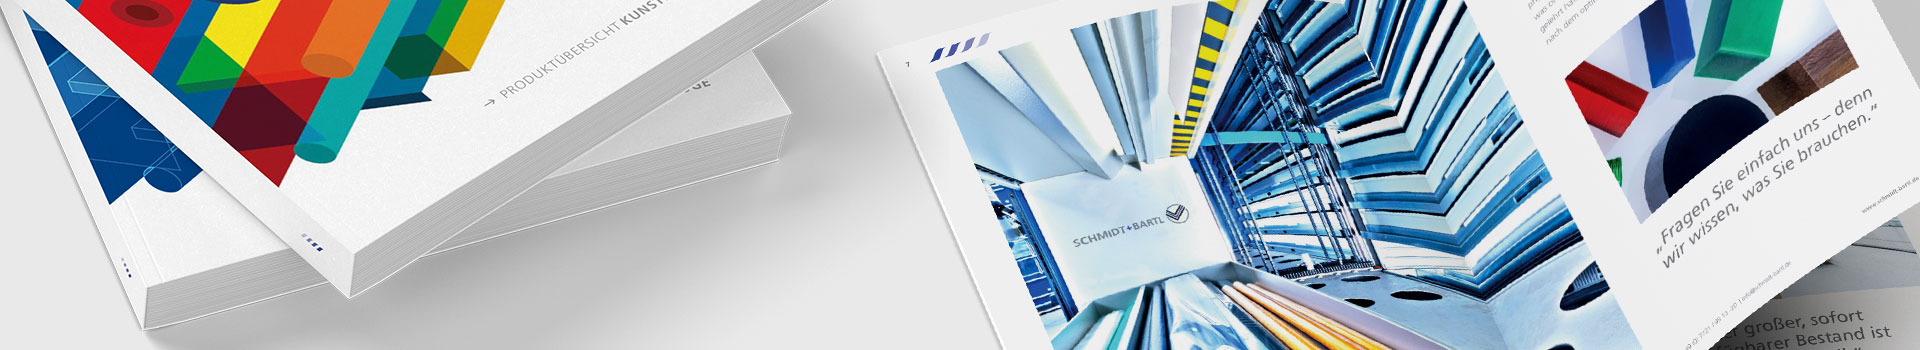 Print, Gedrucktes, Broschüre, Magazin, Flyer, Anzeige